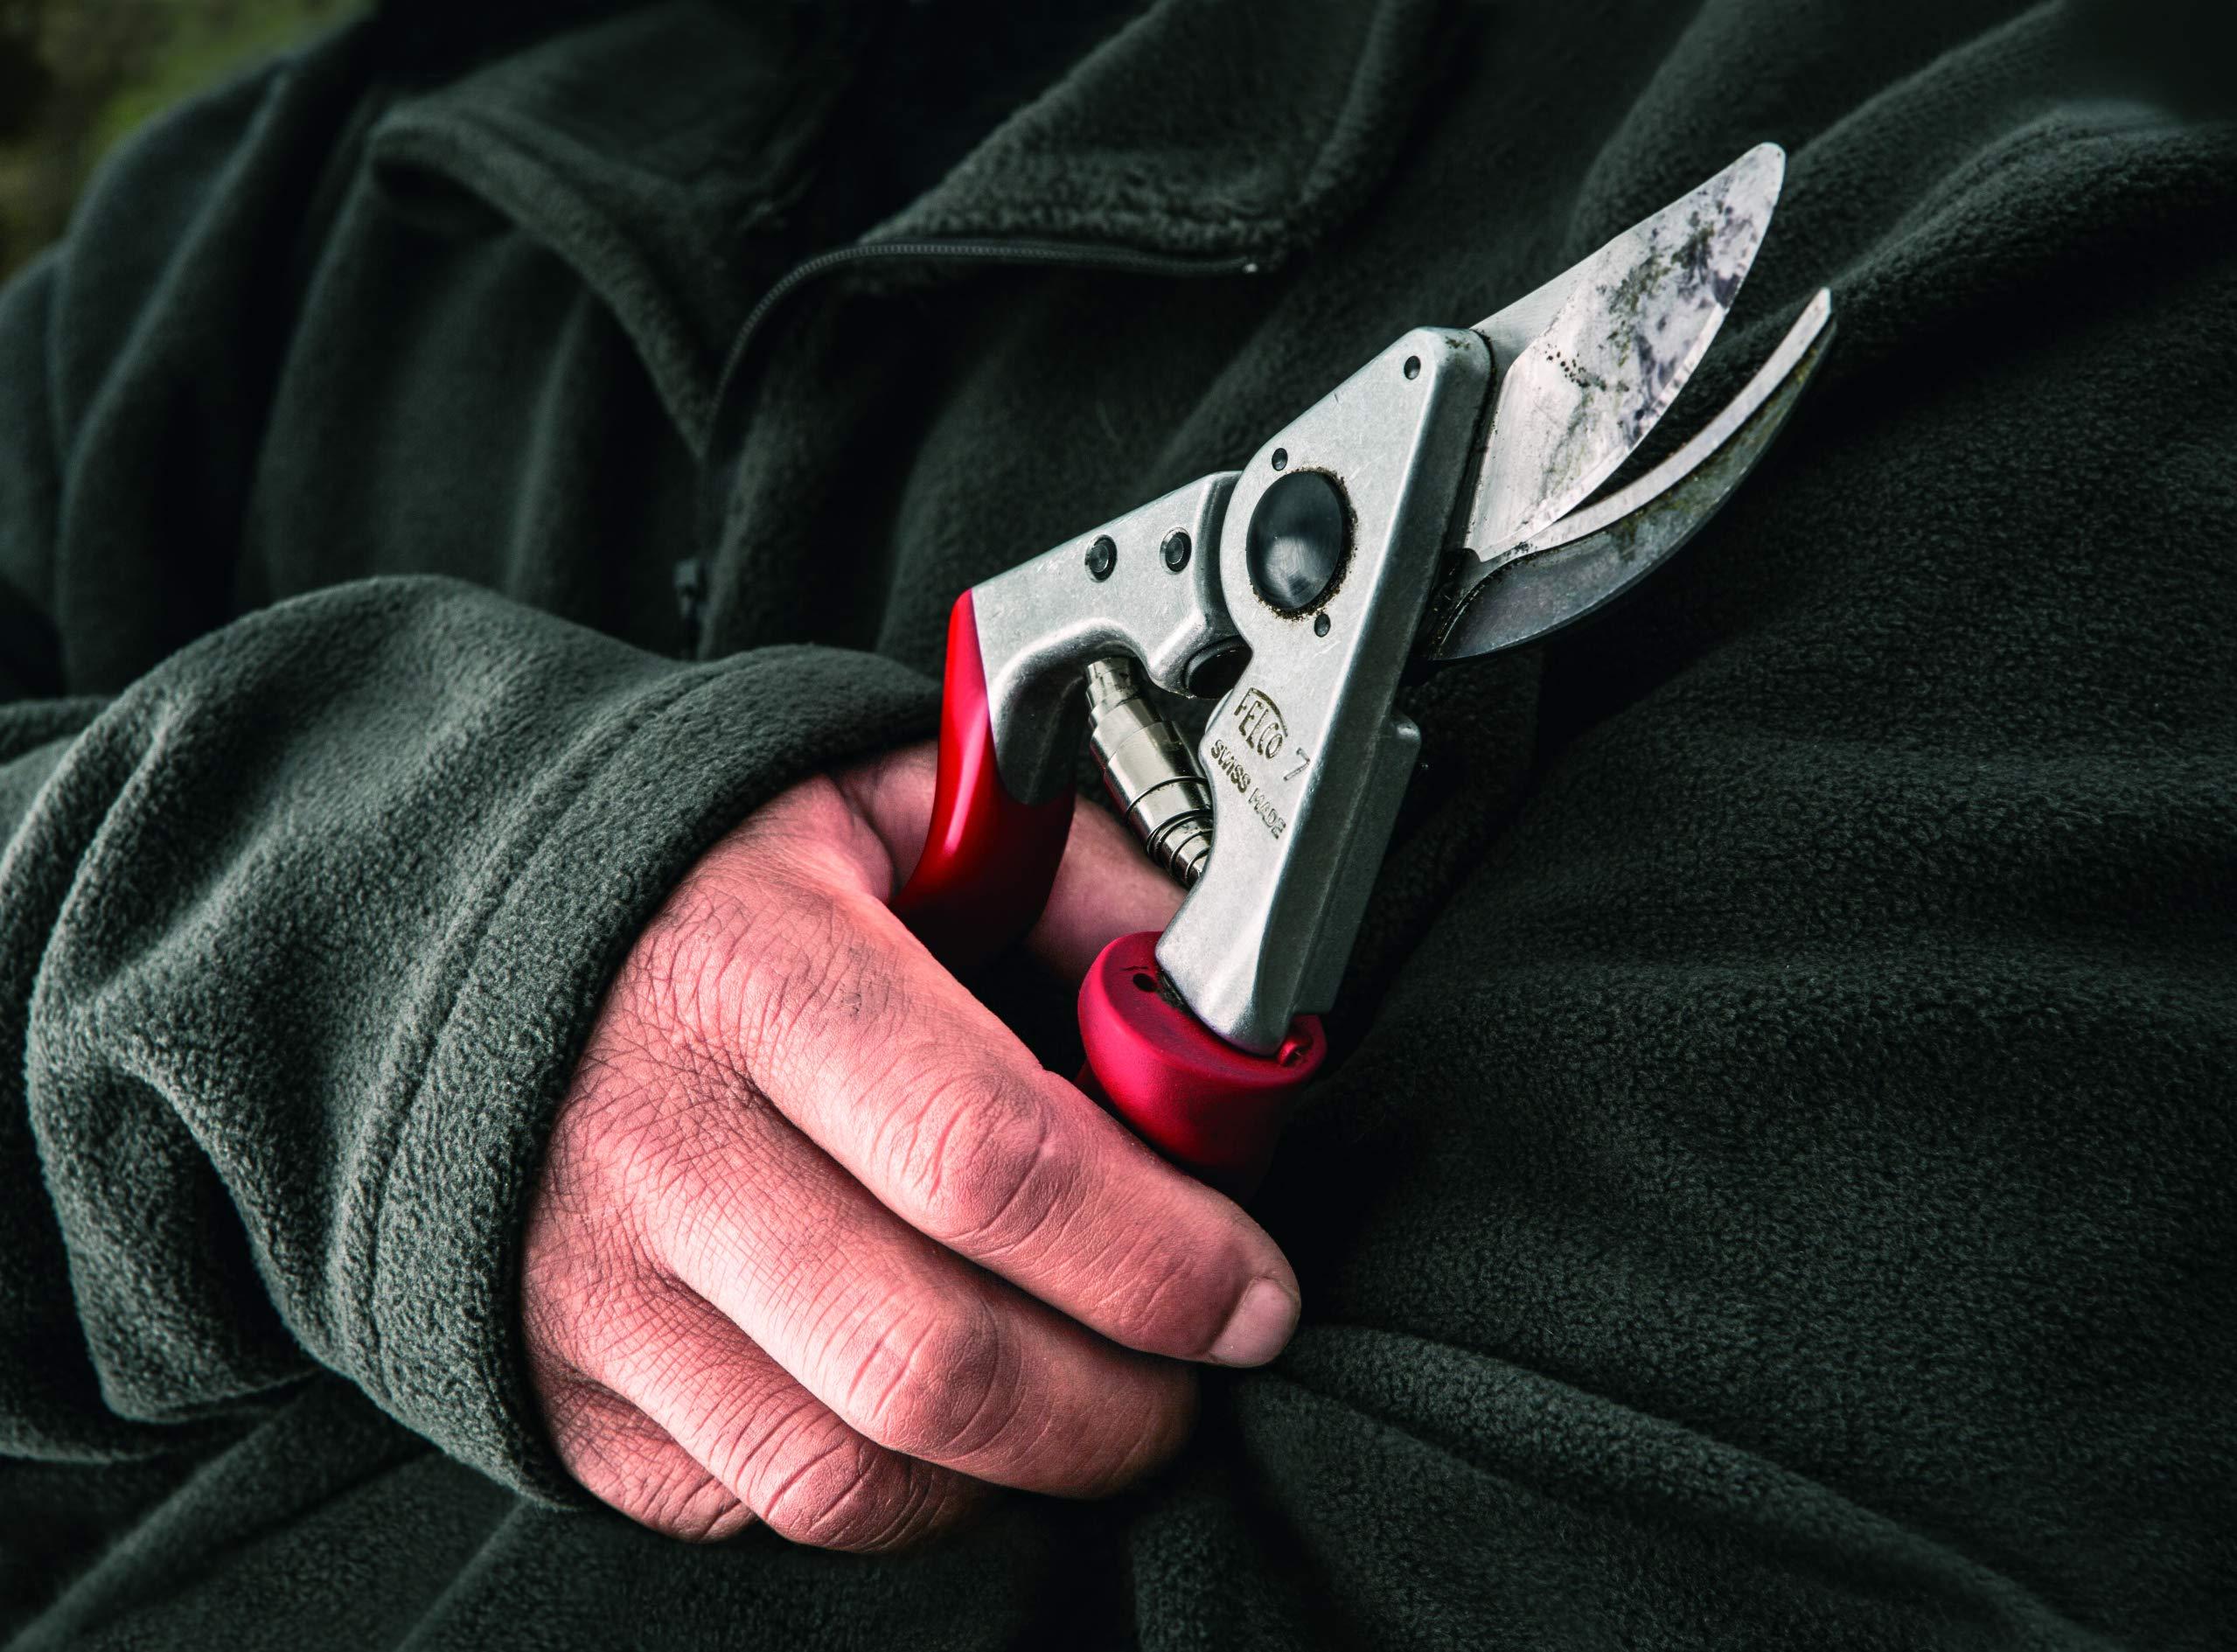 Profi Aufnahmebohrung 25.4 mm Ergo-Schnitt 50342 Sicherheitsgrasschneideblatt und Hobbyeinsatz